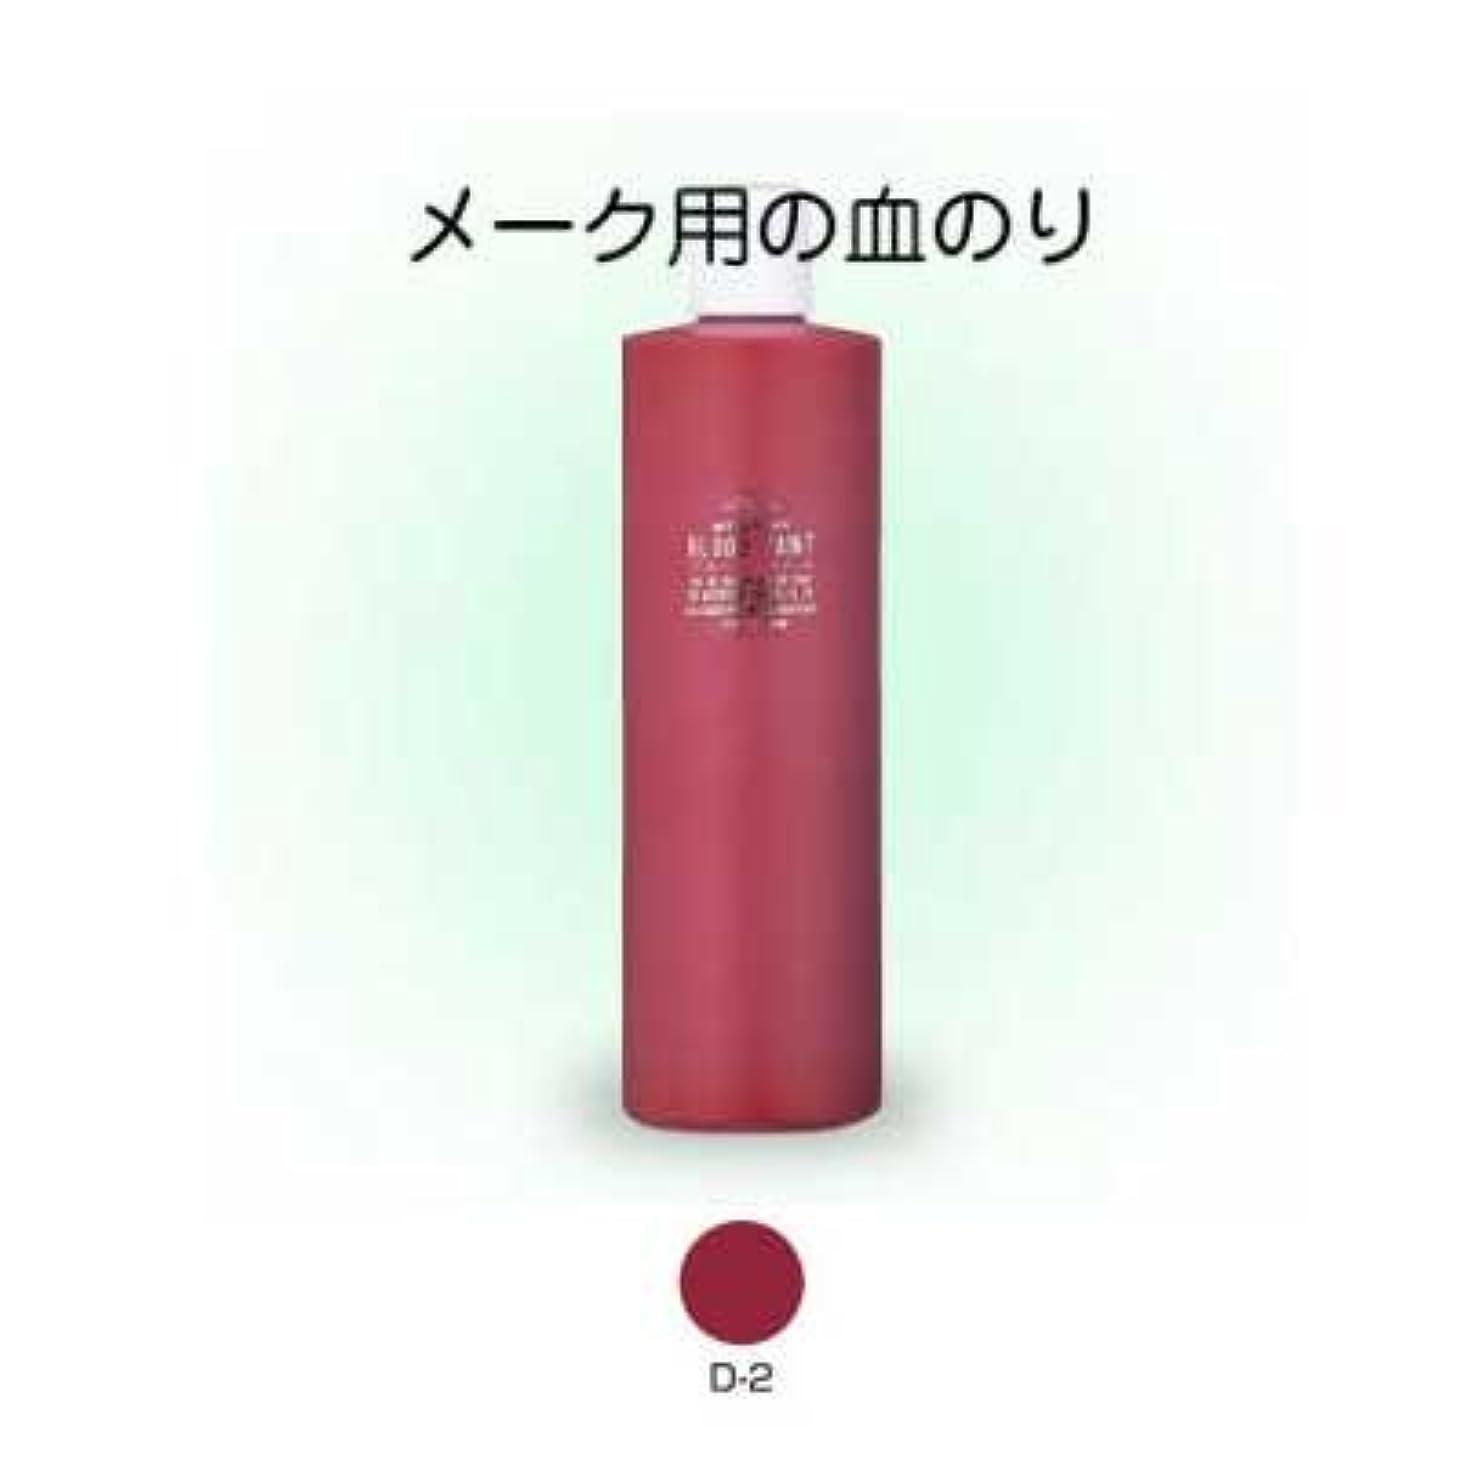 カップマーガレットミッチェルゴミ箱ブロードペイント(メークアップ用の血のり)500ml D-2【三善】